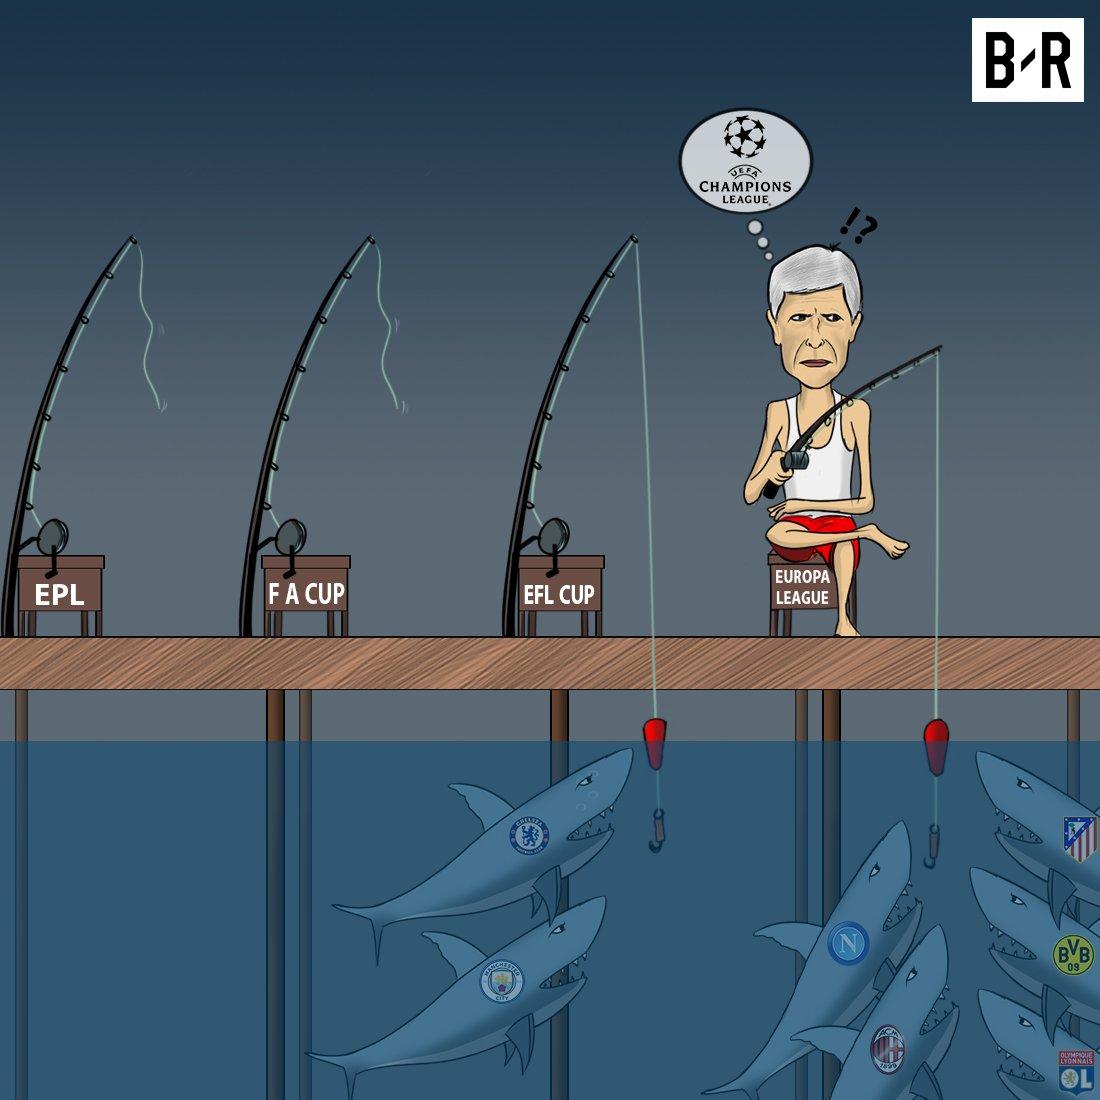 فصل پیش روی ونگر در آرسنال؛ یورو لیگ تنها امید+کارتون